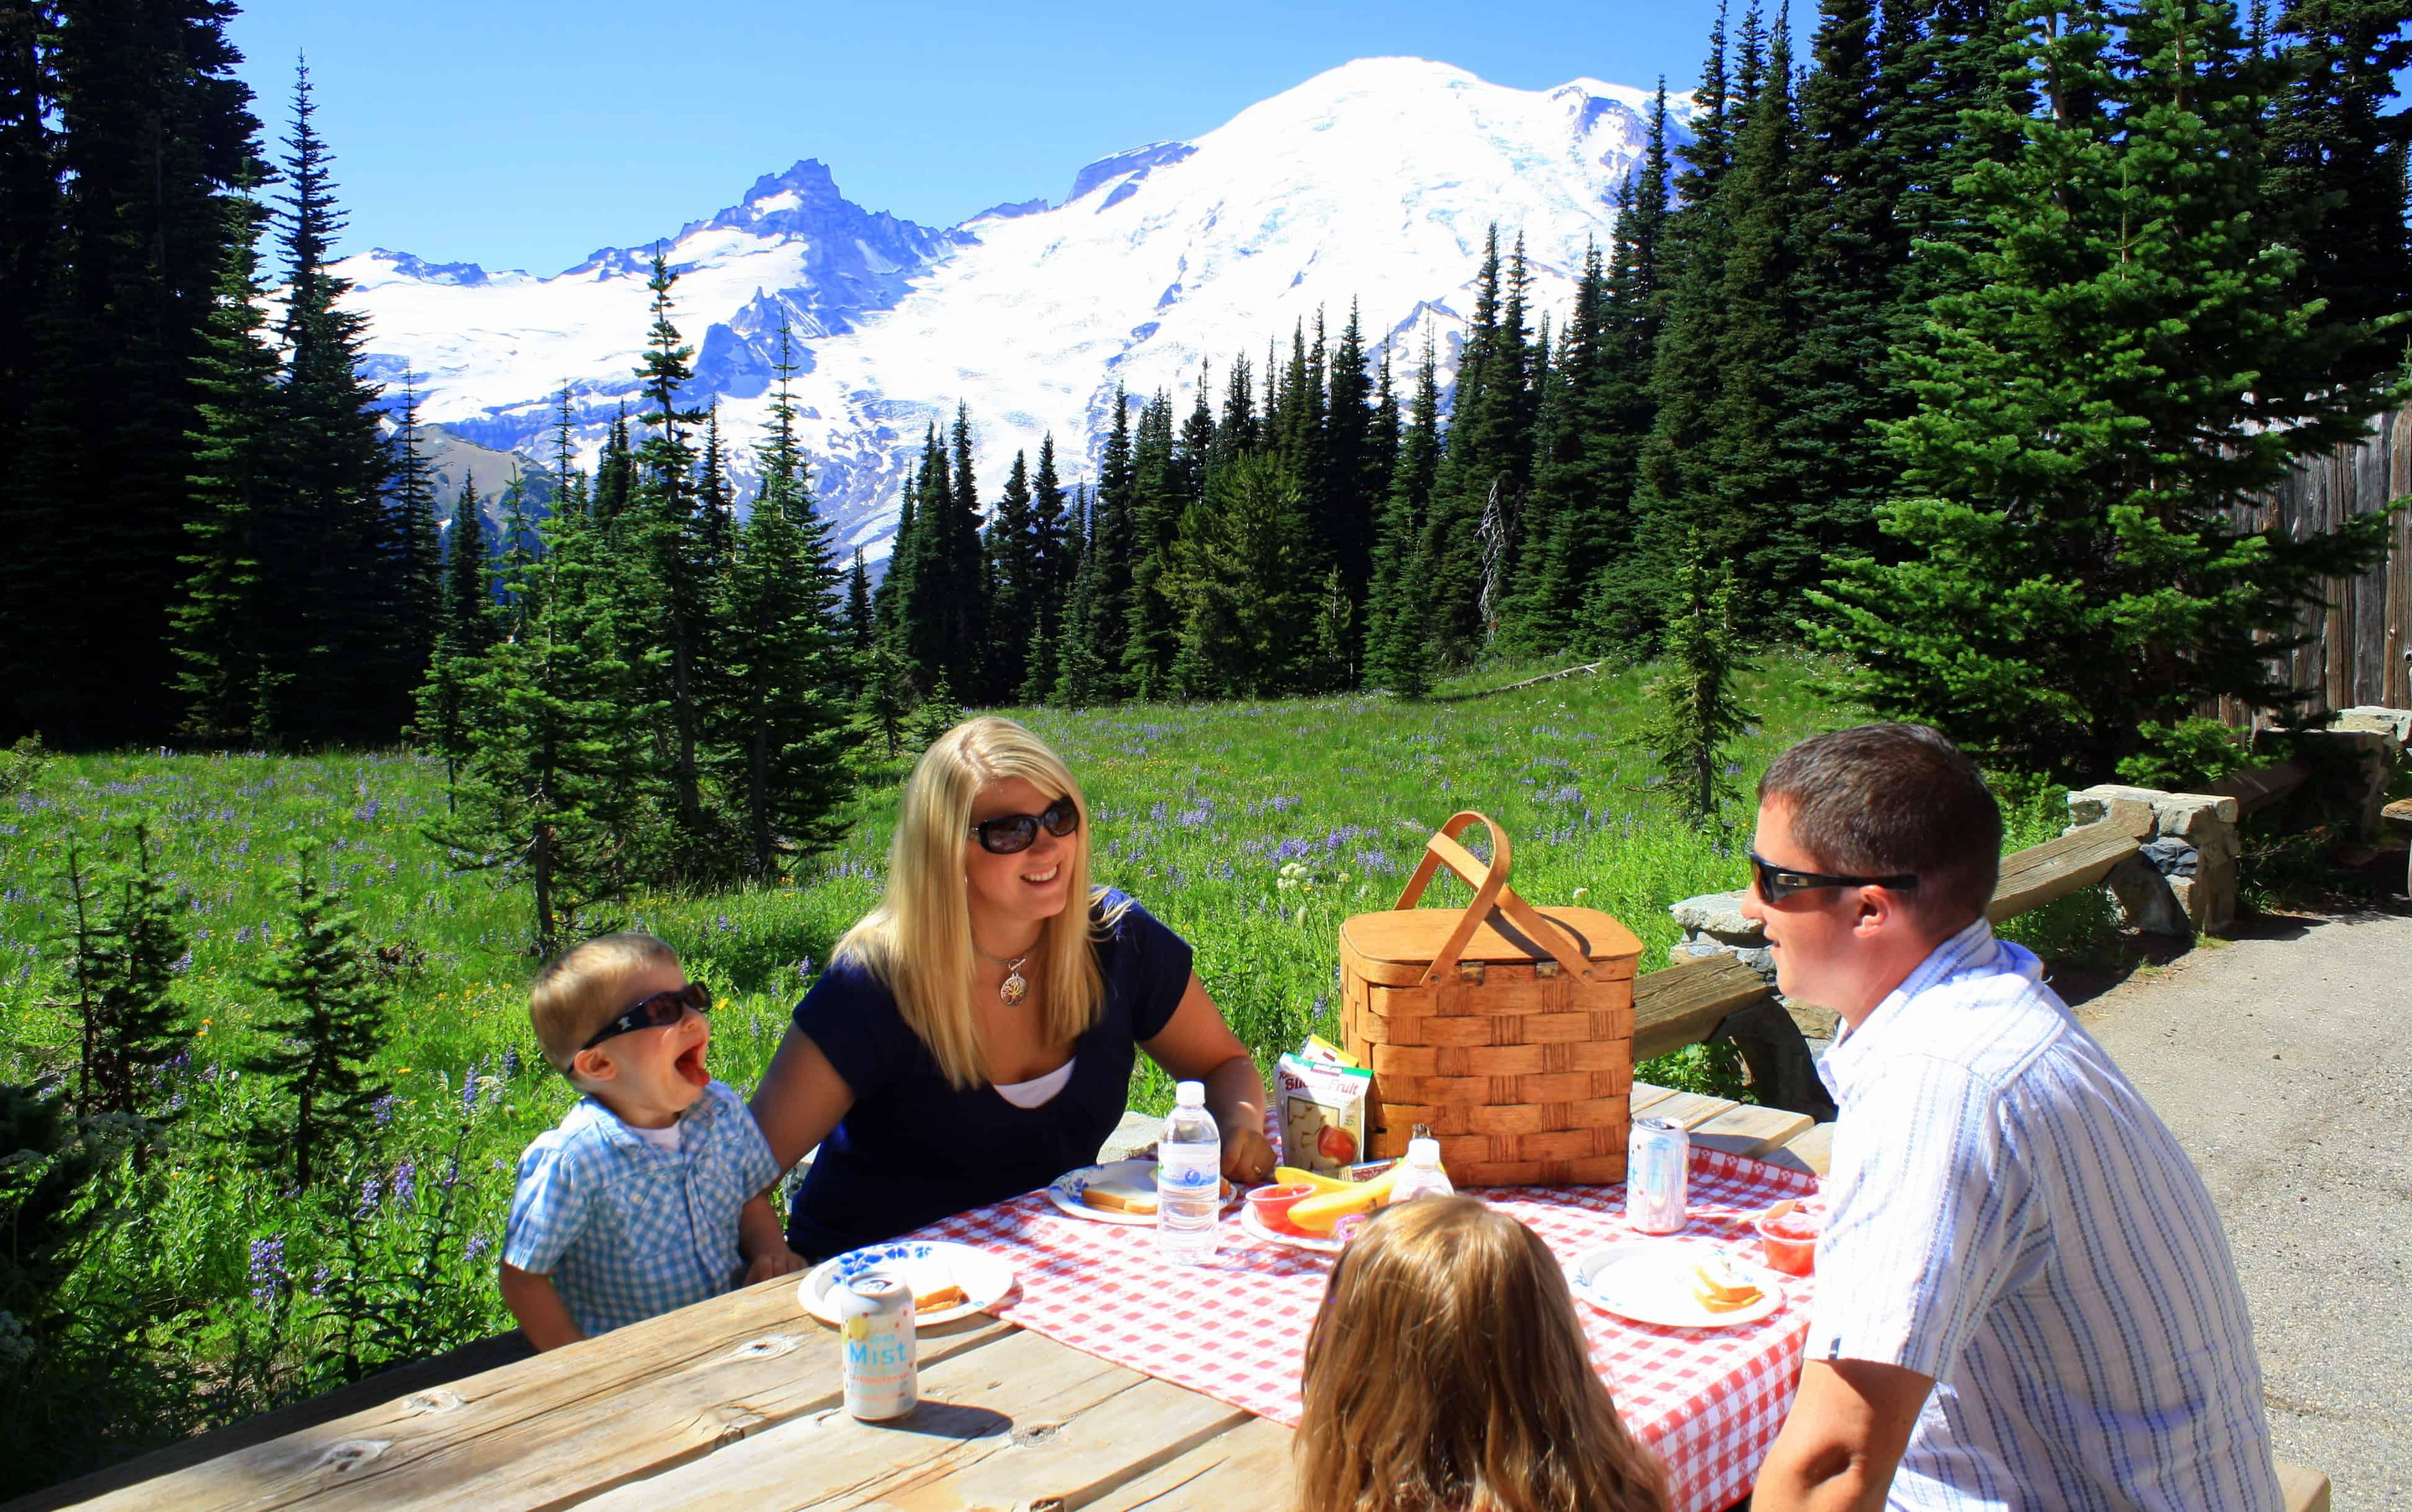 Picnic Areas at Mount Rainier